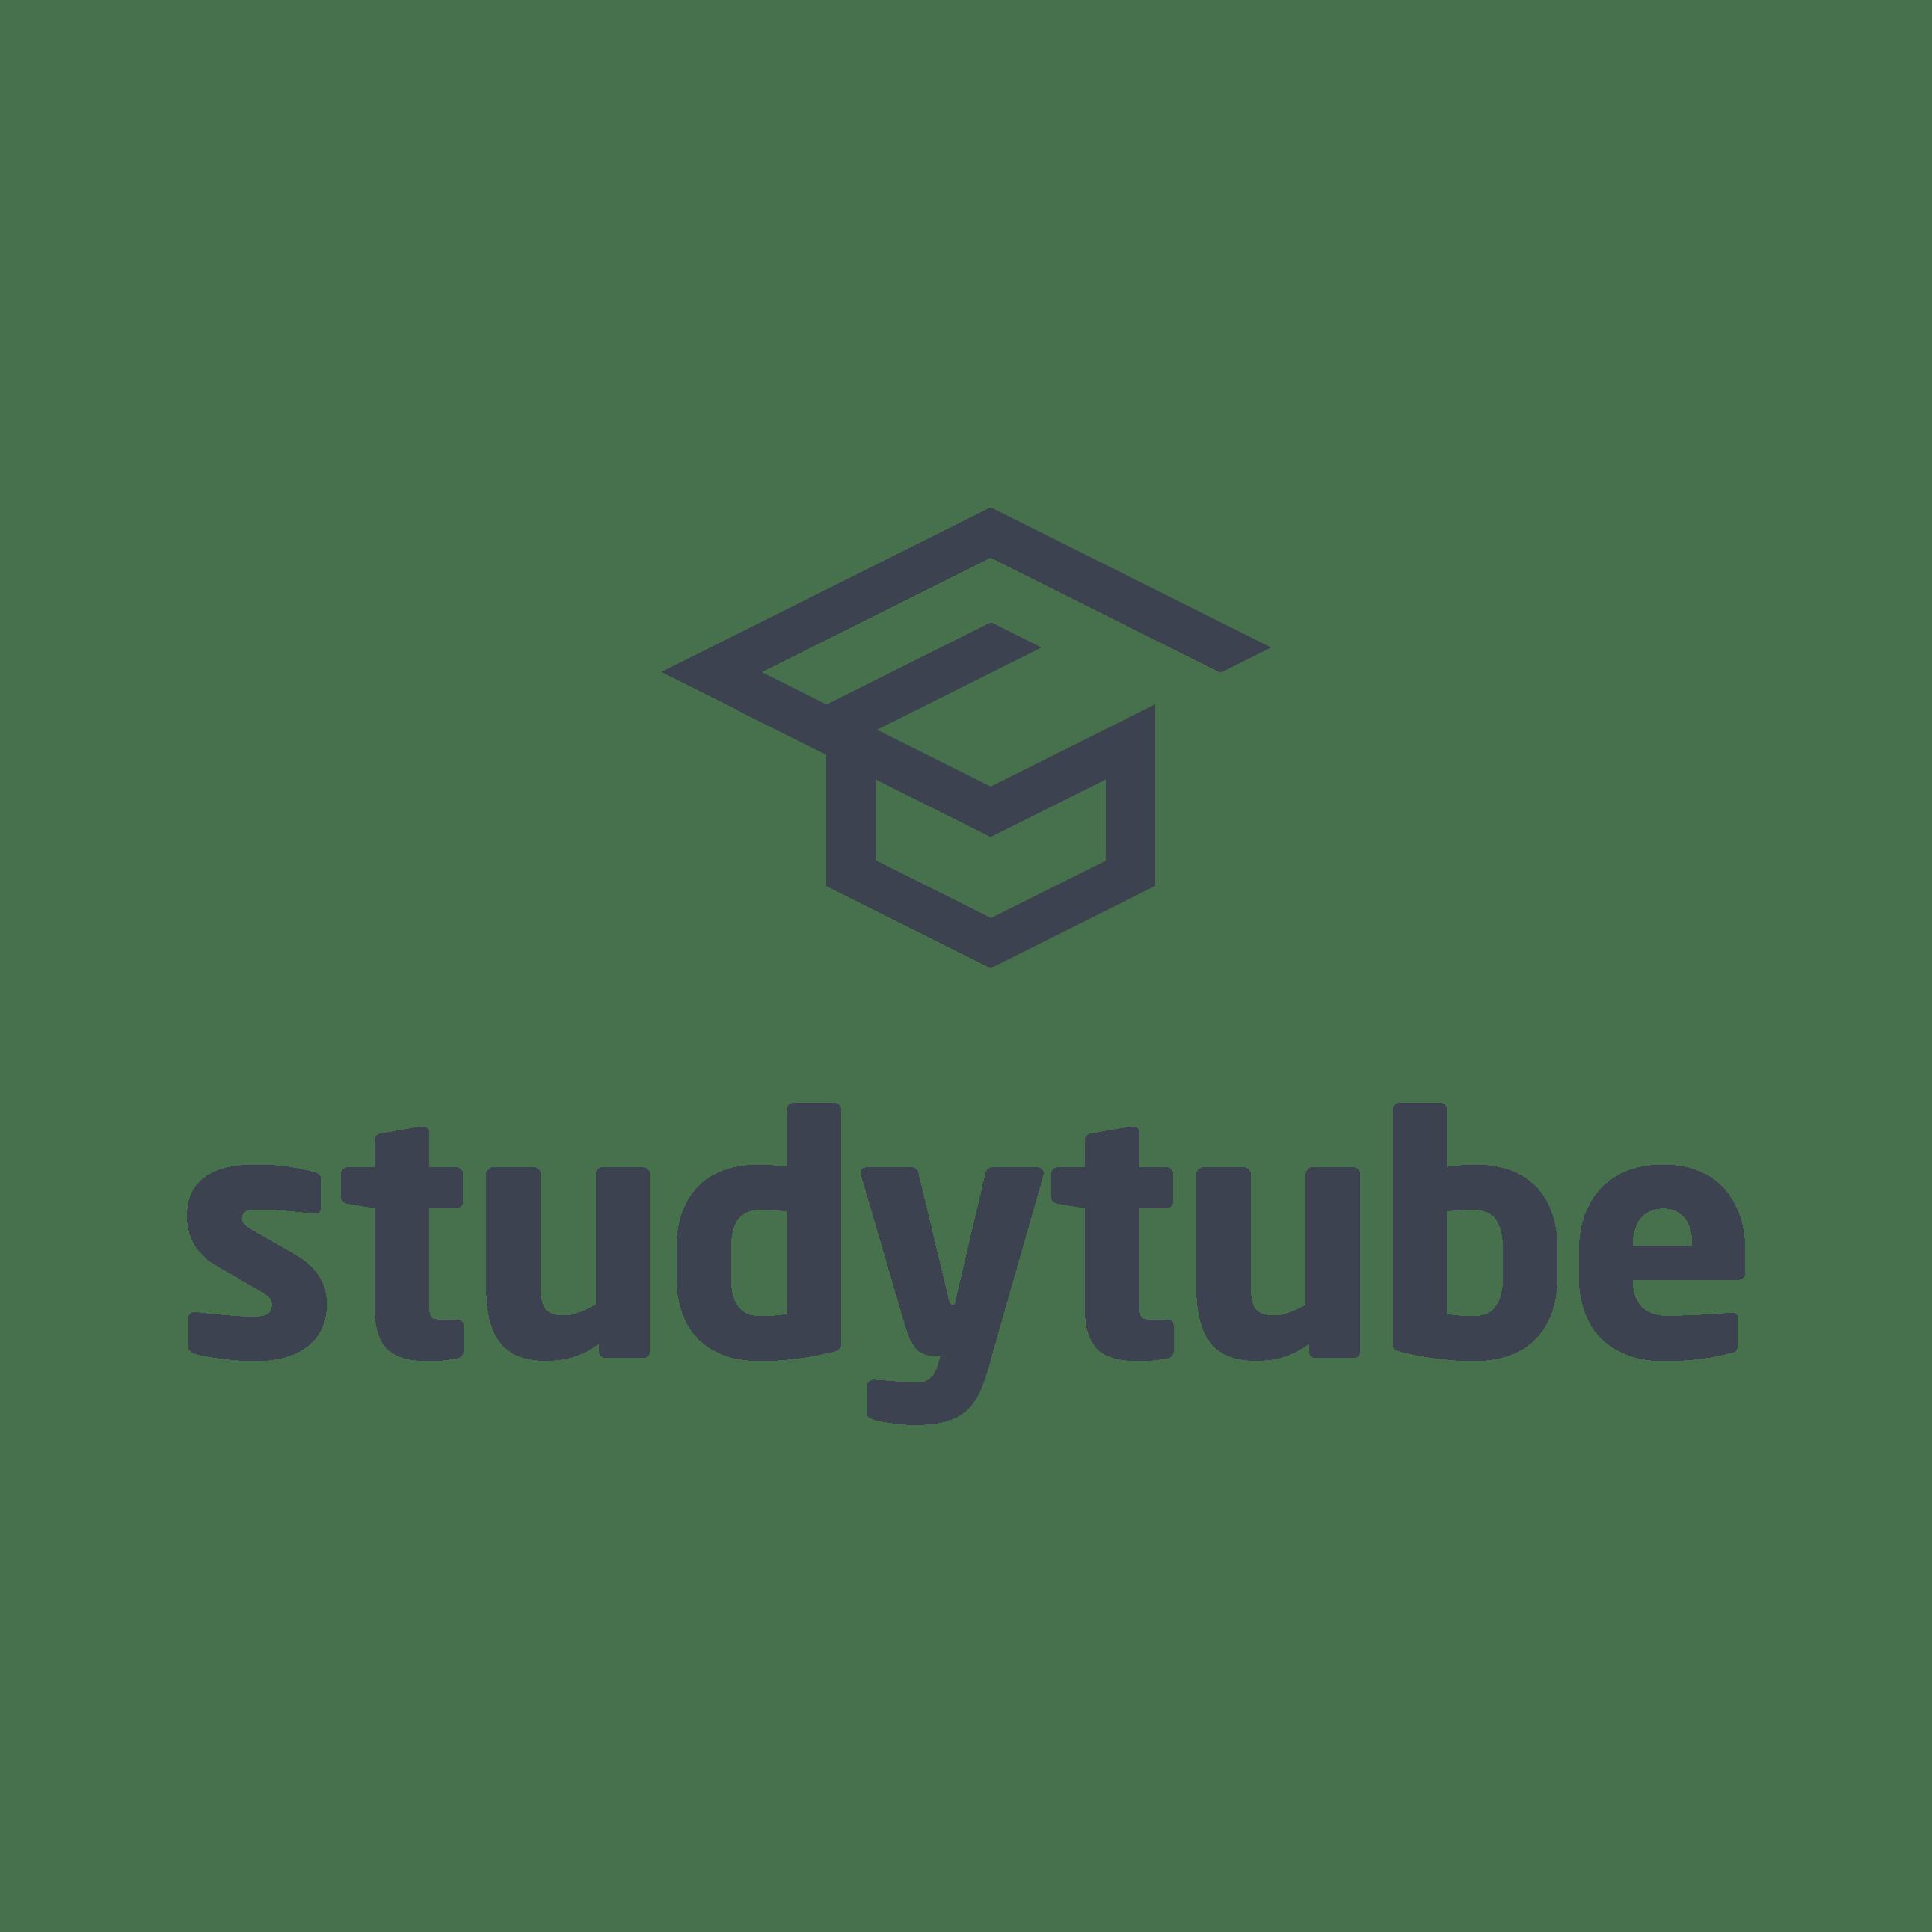 studytube-logo